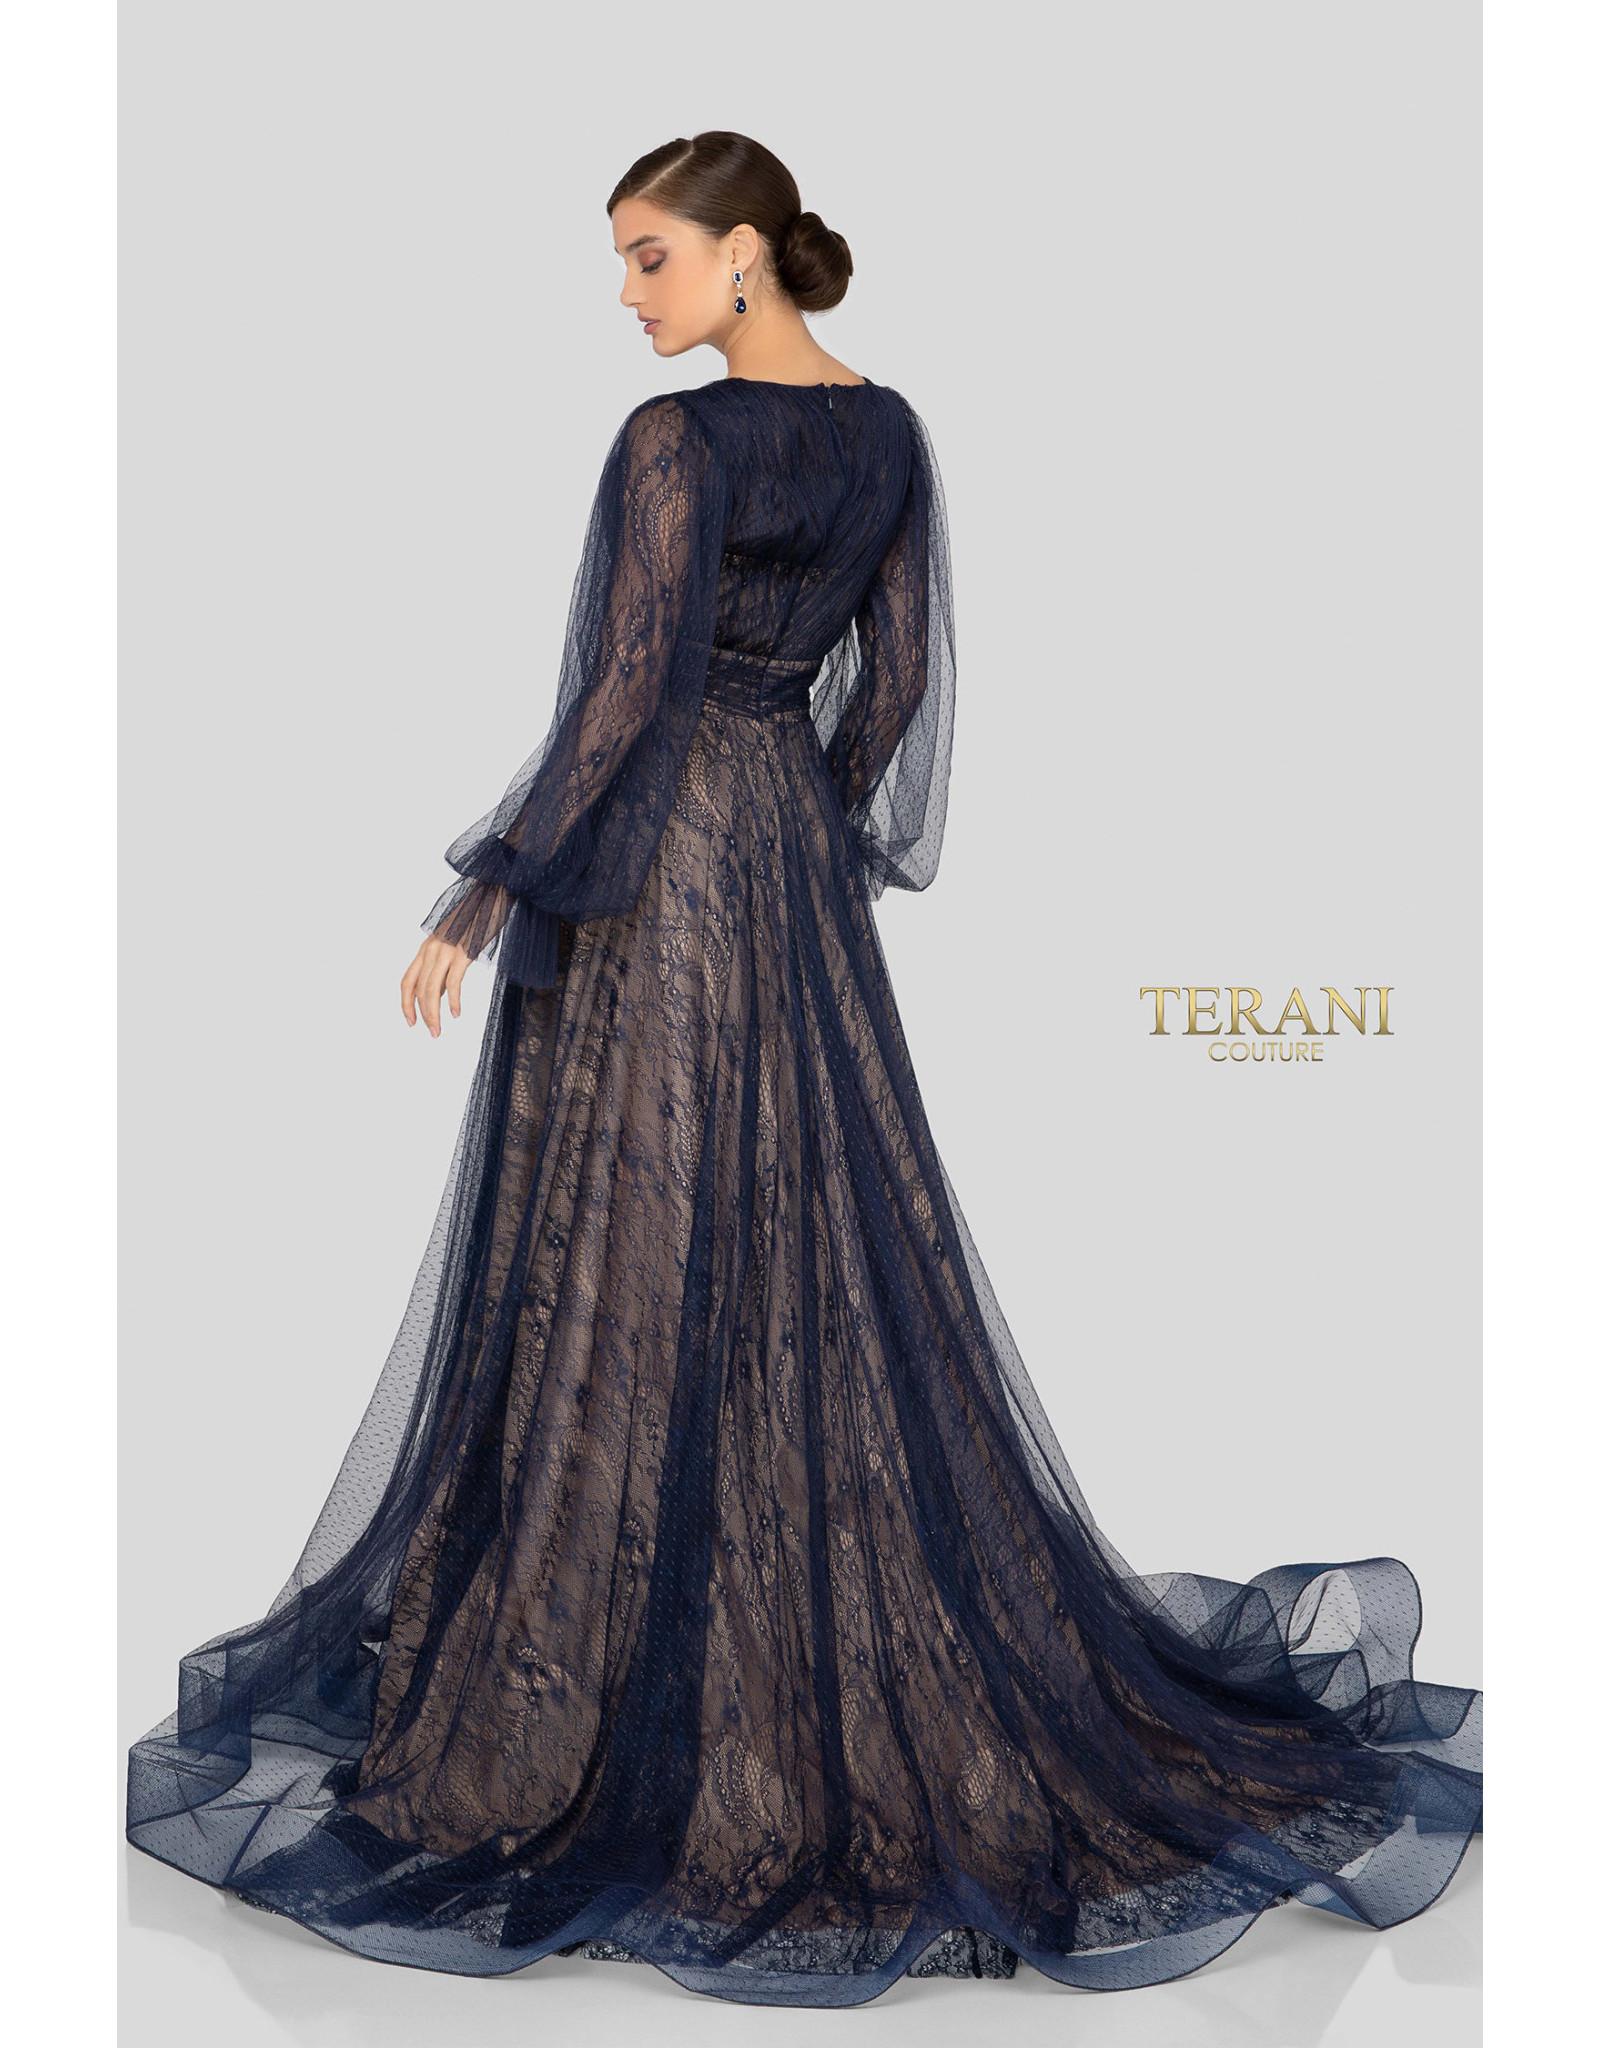 Terani 1913M9414 Terani Dresses